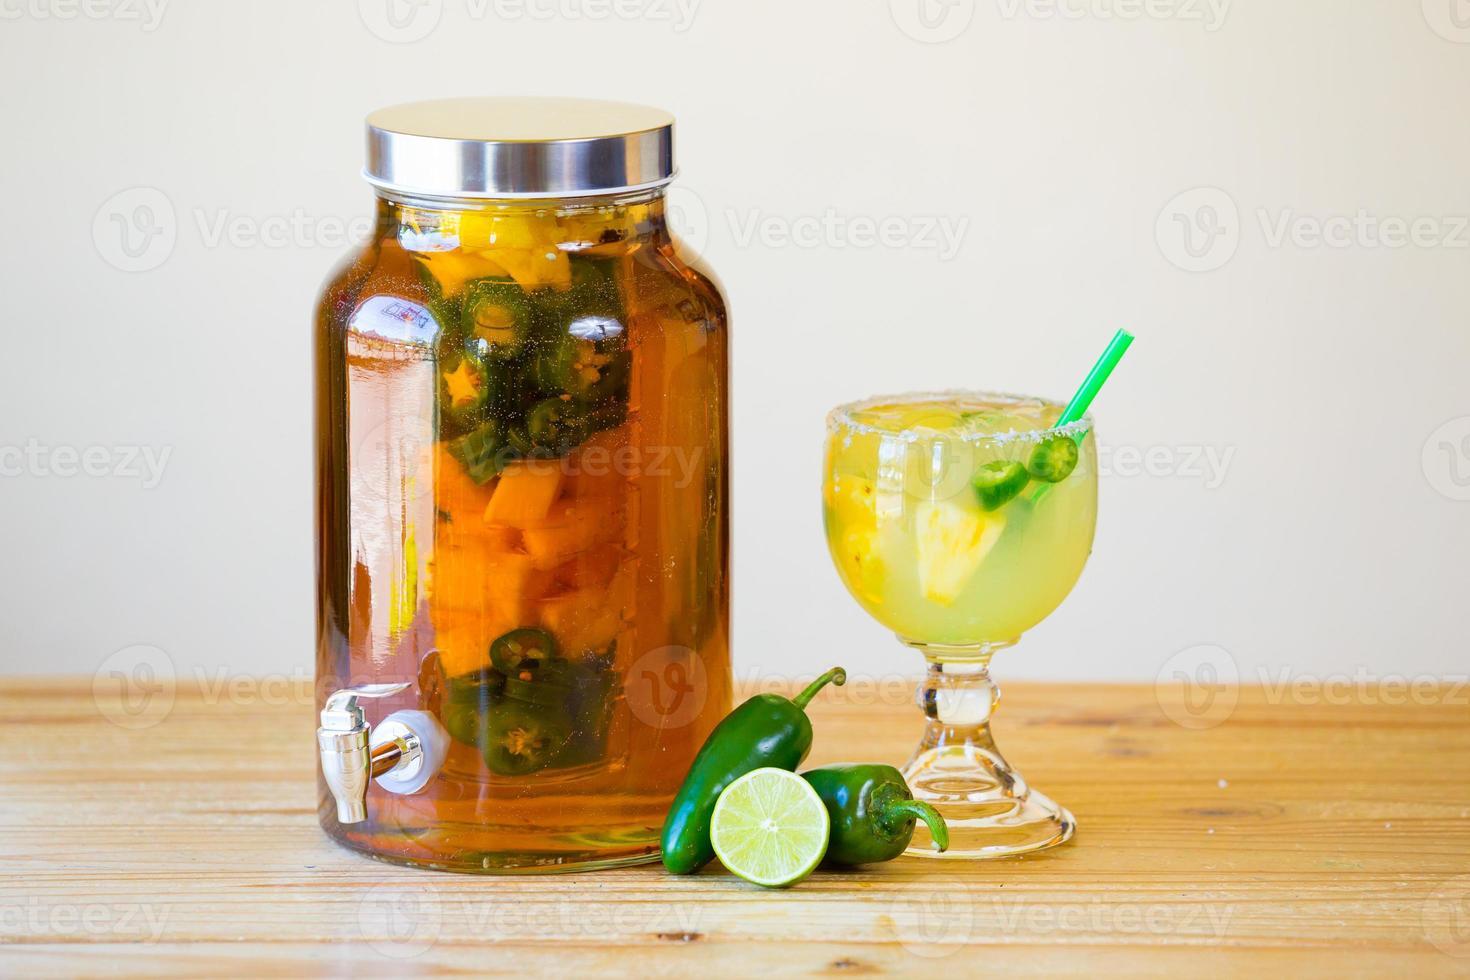 tequila infusée au piment jalapeño photo